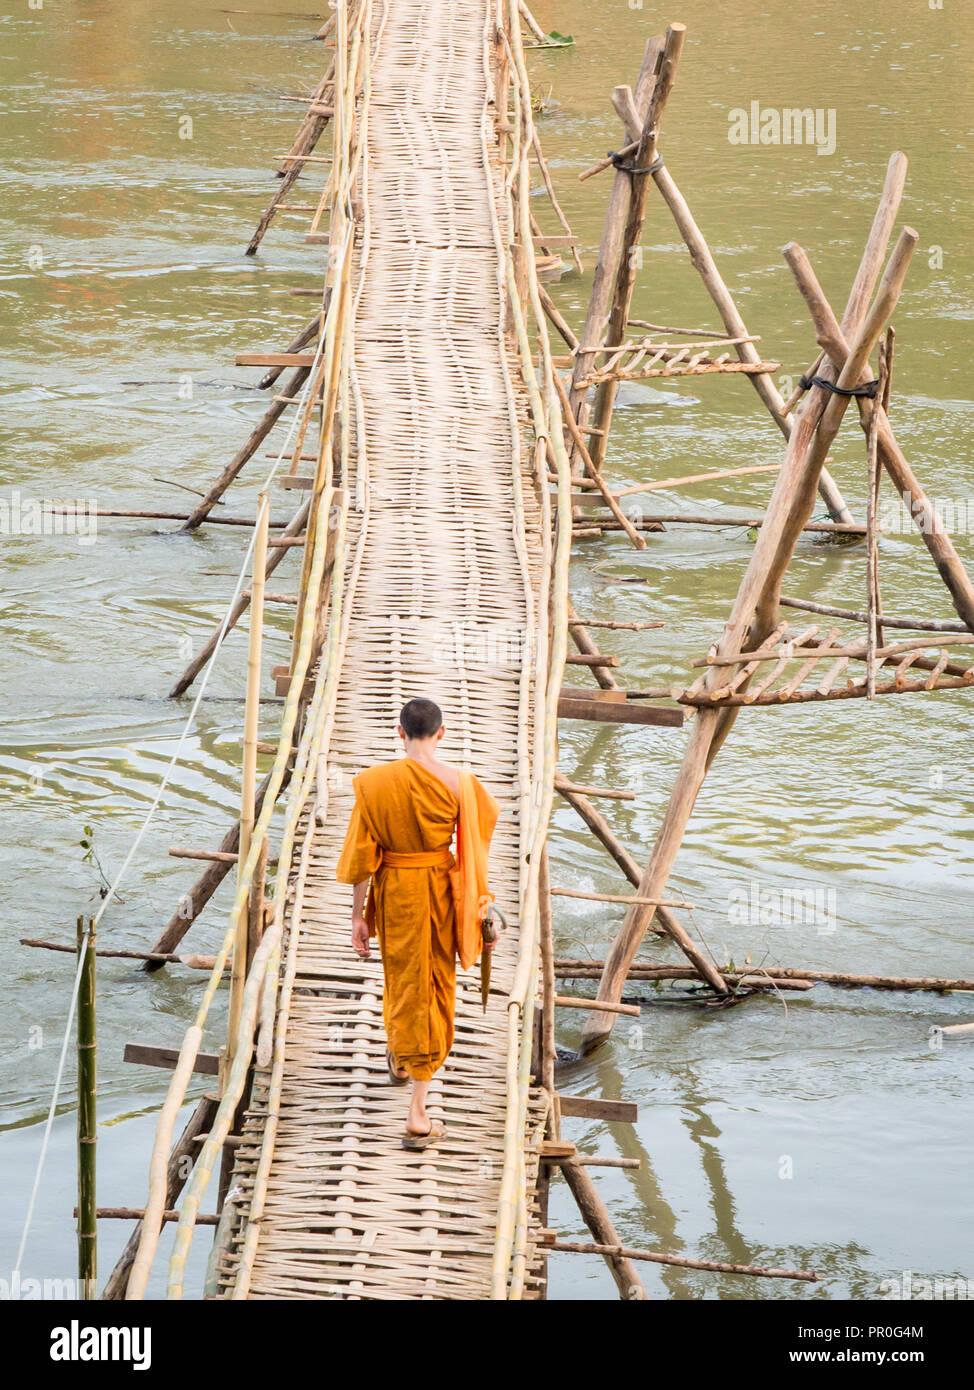 Orange gekleideten buddhistischen Mönch beim Überqueren einer Brücke aus Bambus, Luang Prabang, Laos, Indochina, Südostasien, Asien Stockbild